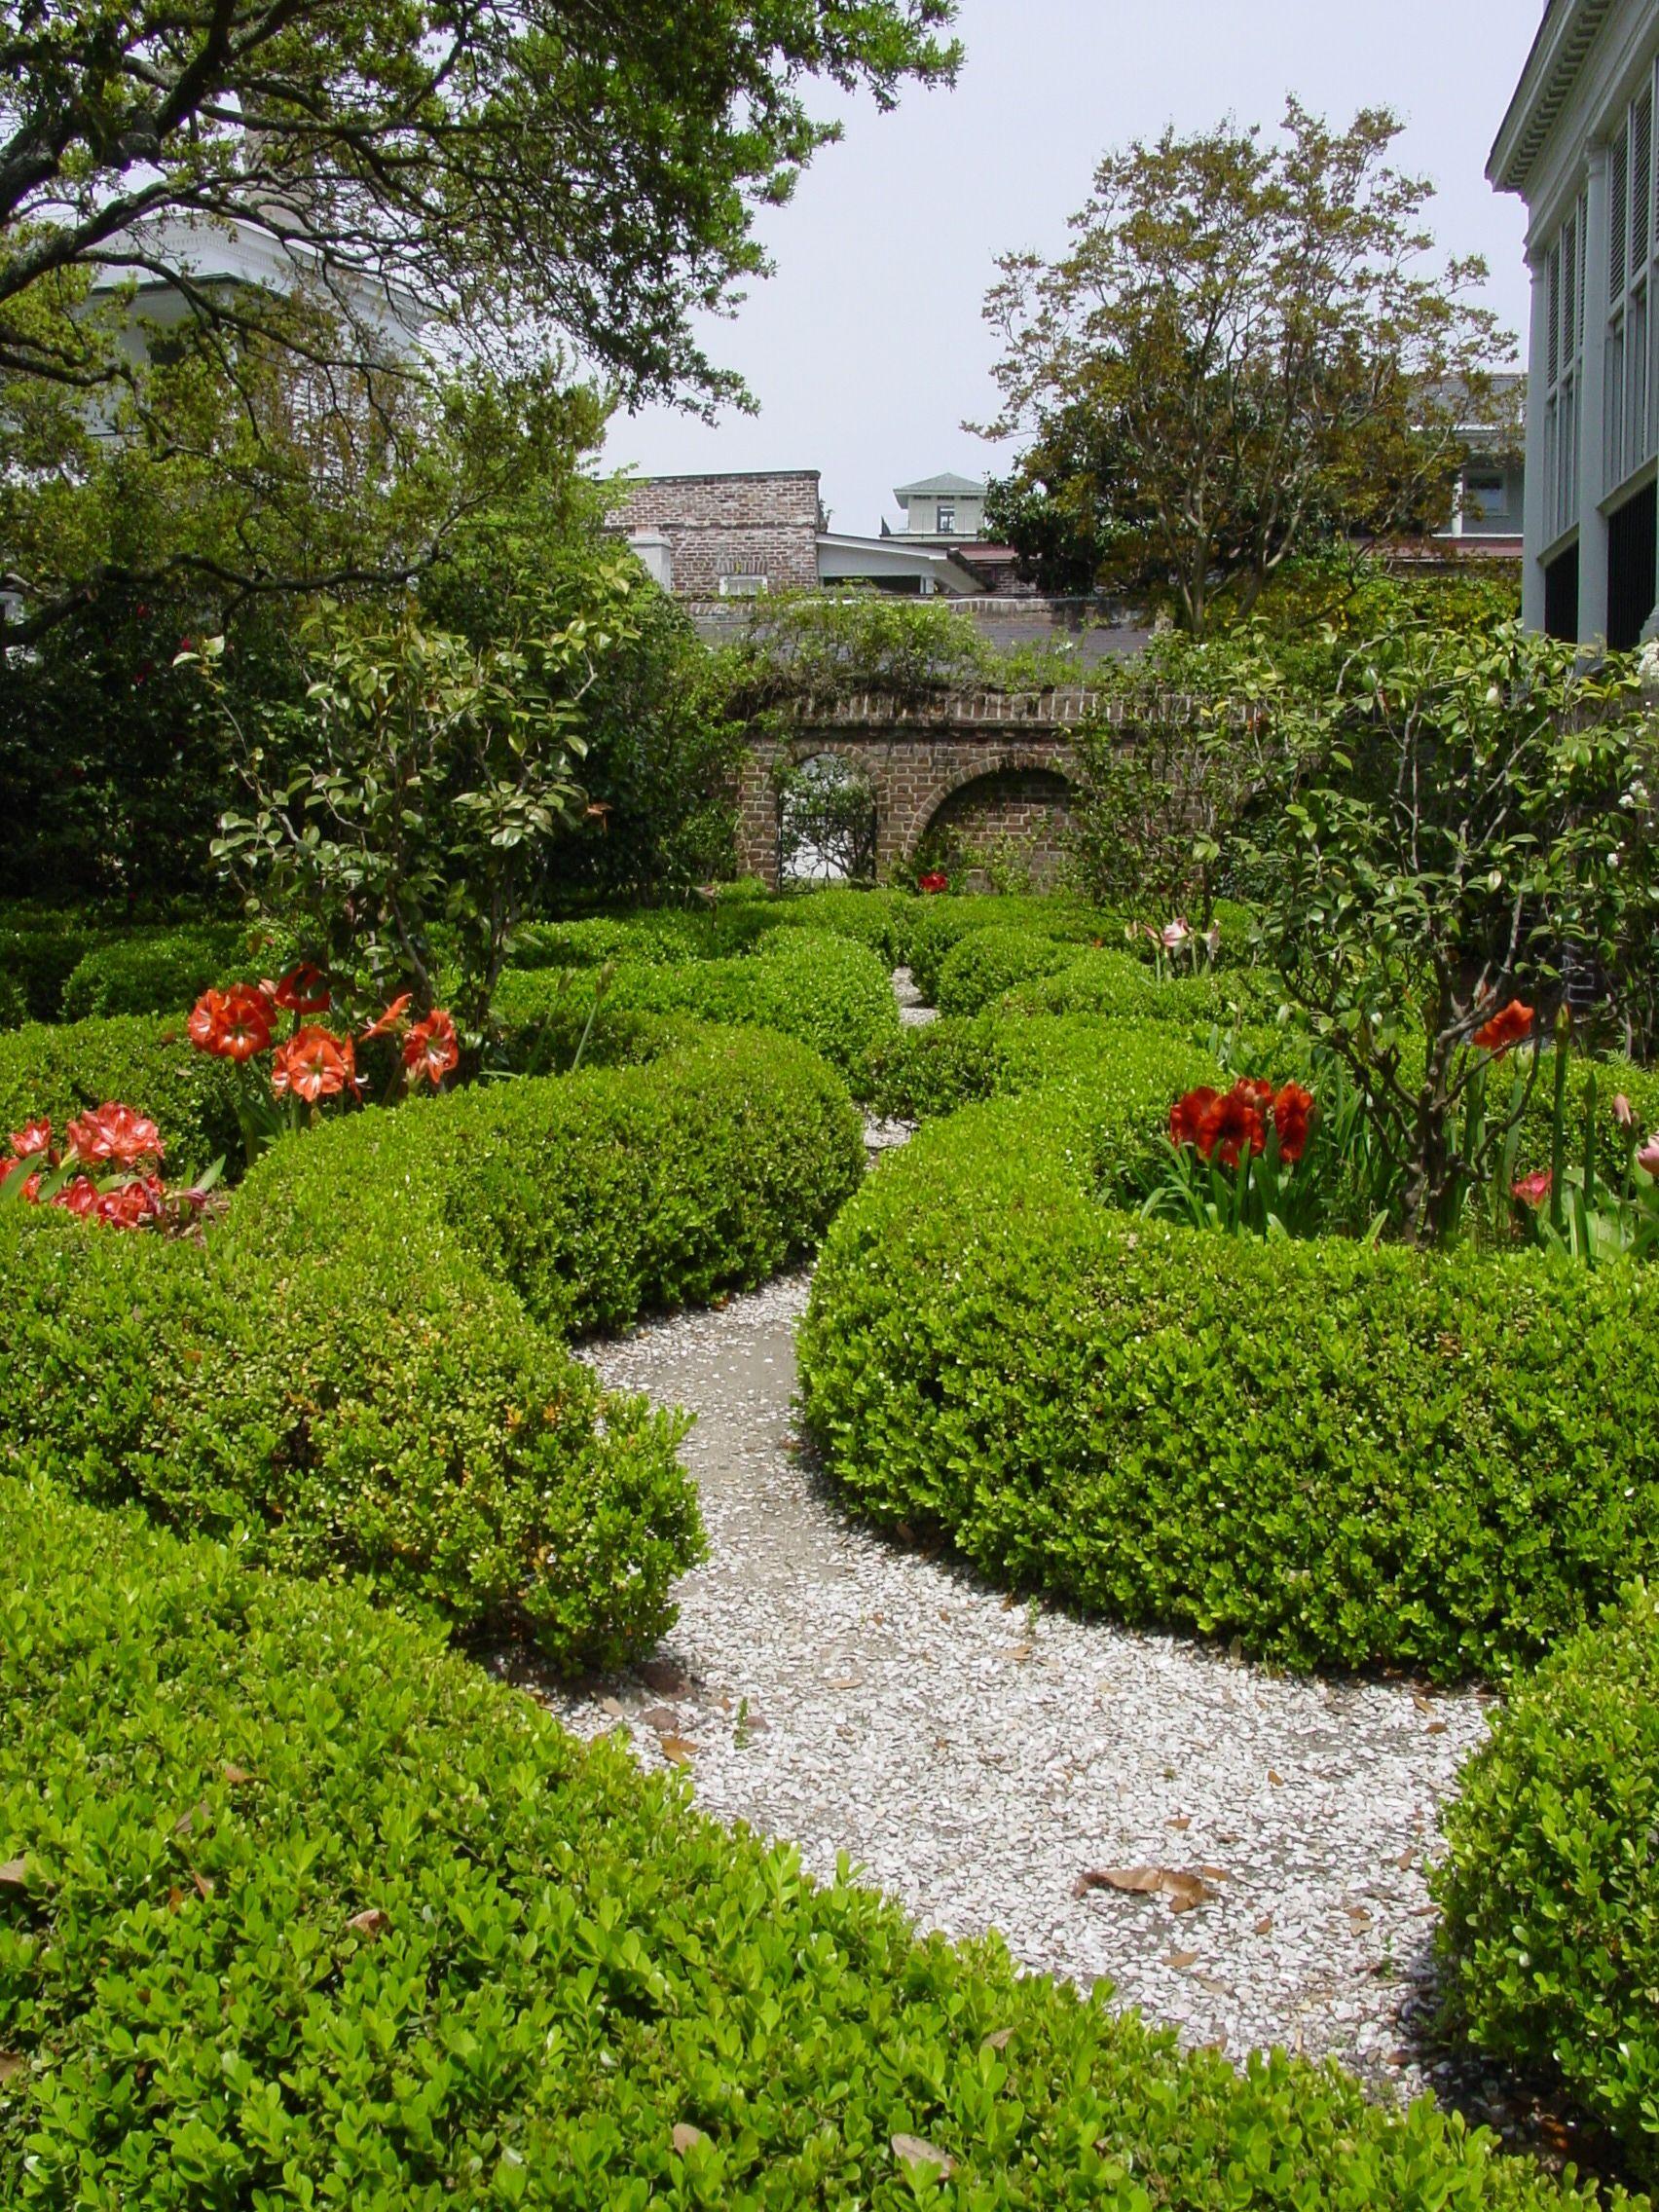 condo ding gardens